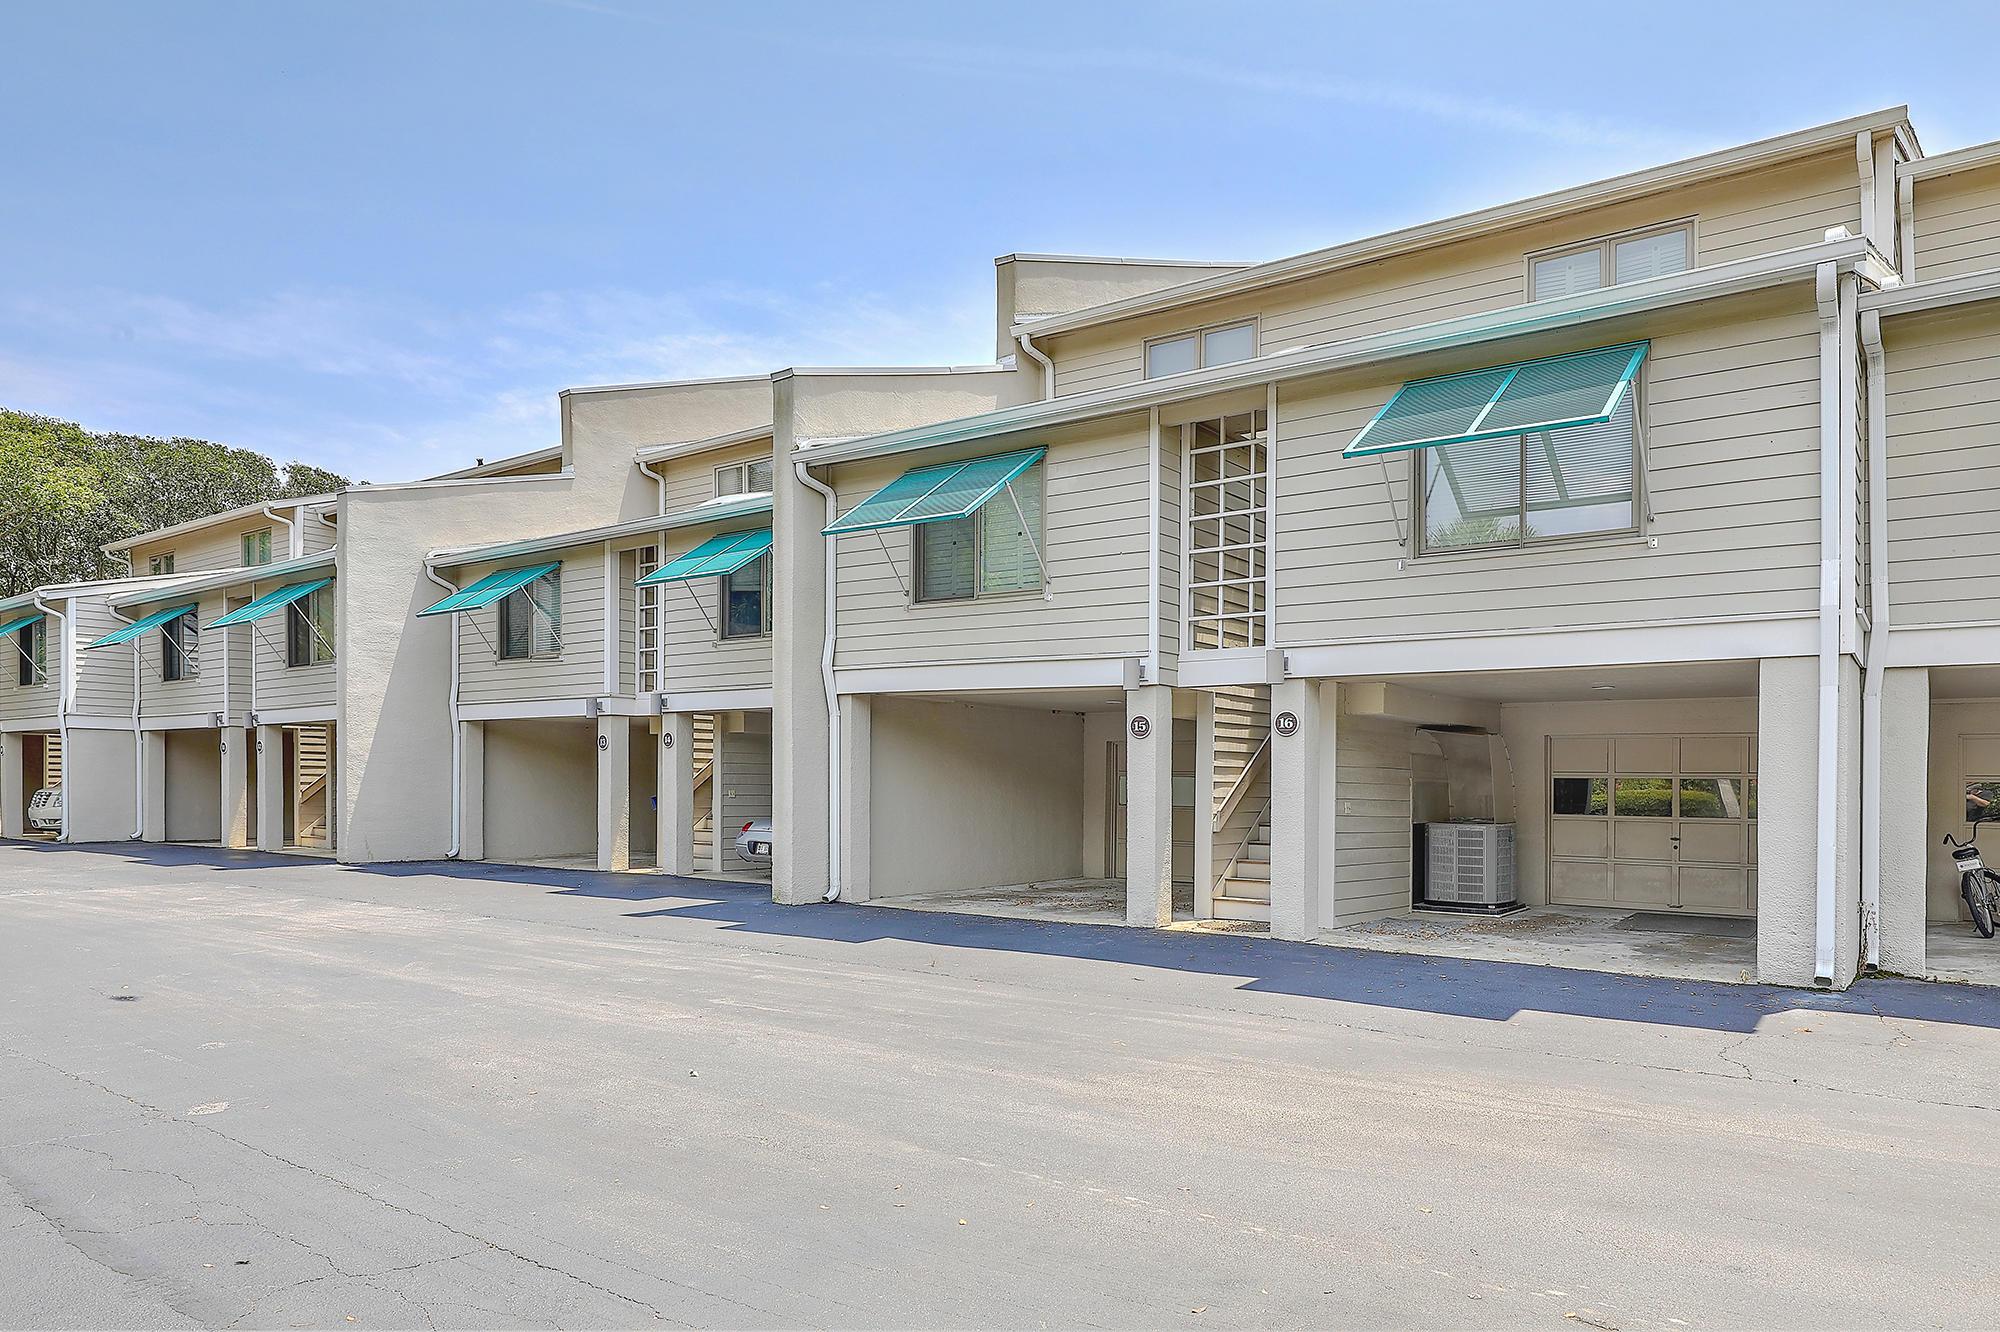 Beach Club Villas Homes For Sale - 15 Beach Club Villas, Isle of Palms, SC - 8